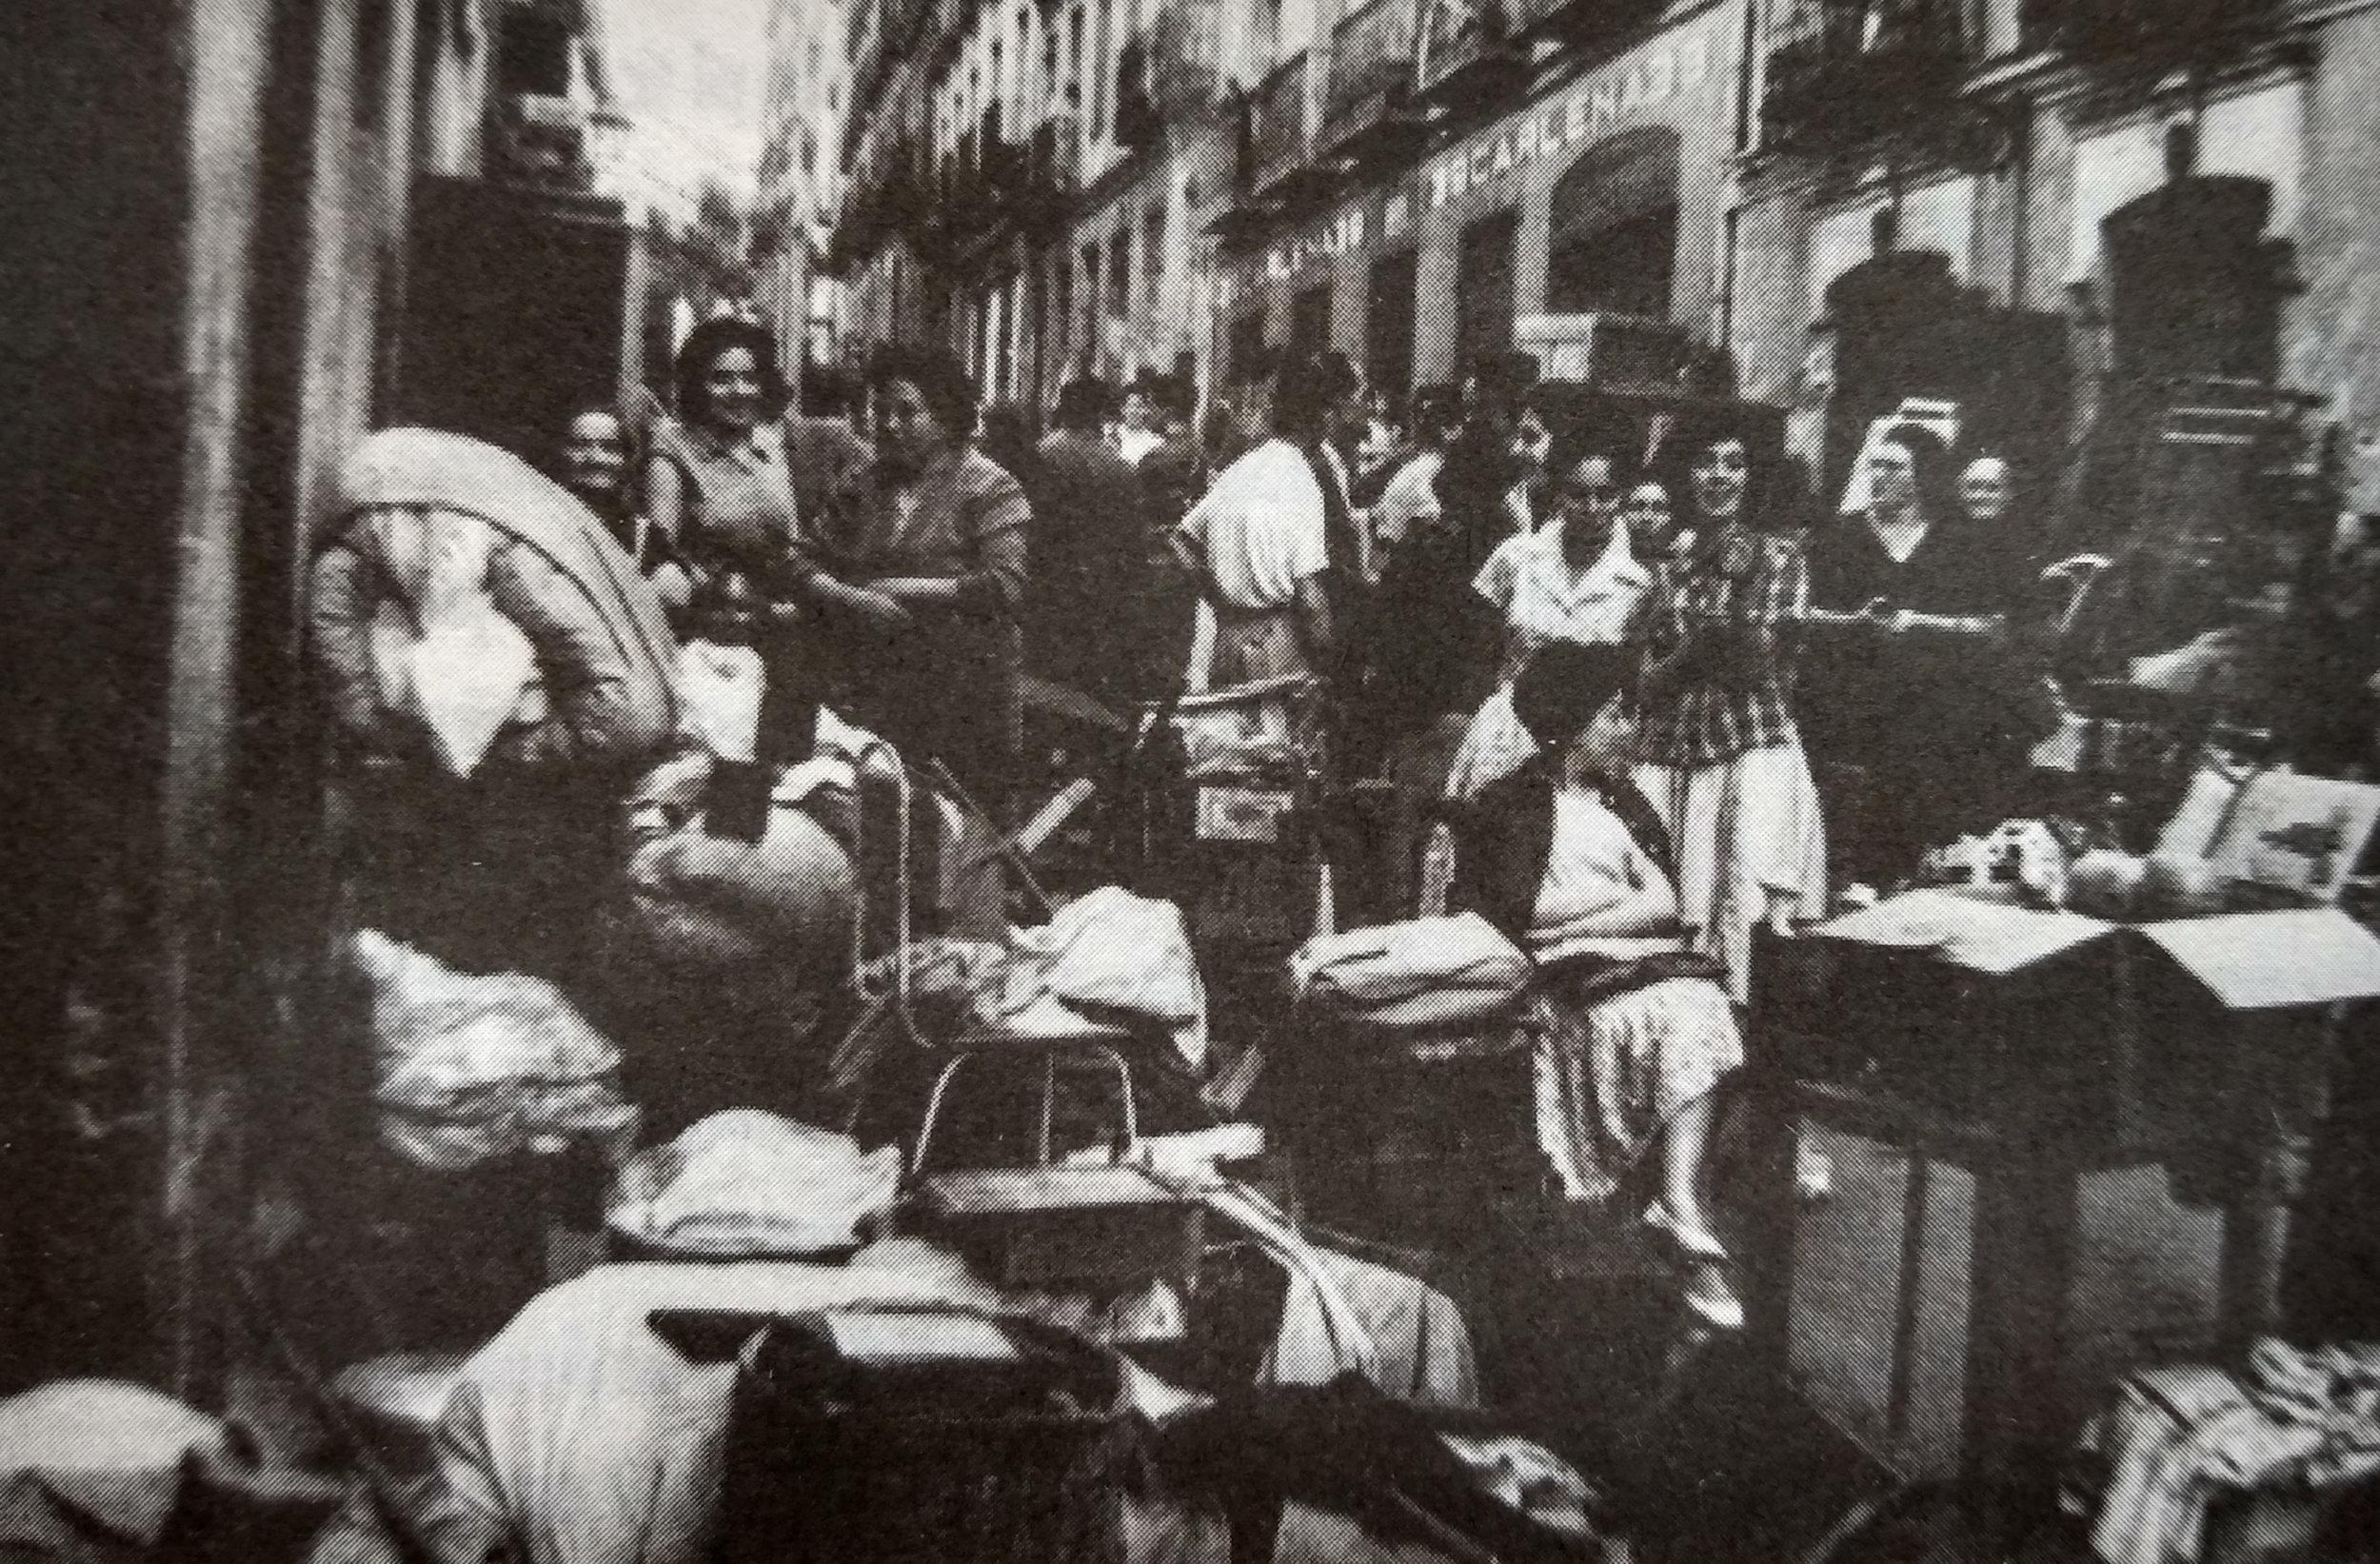 Vecinos y vecinas de la calle Olivar, en Lavapiés, con sus enseres en la calle tras ser desalojados (1967). Fotografía: Santos Yubero